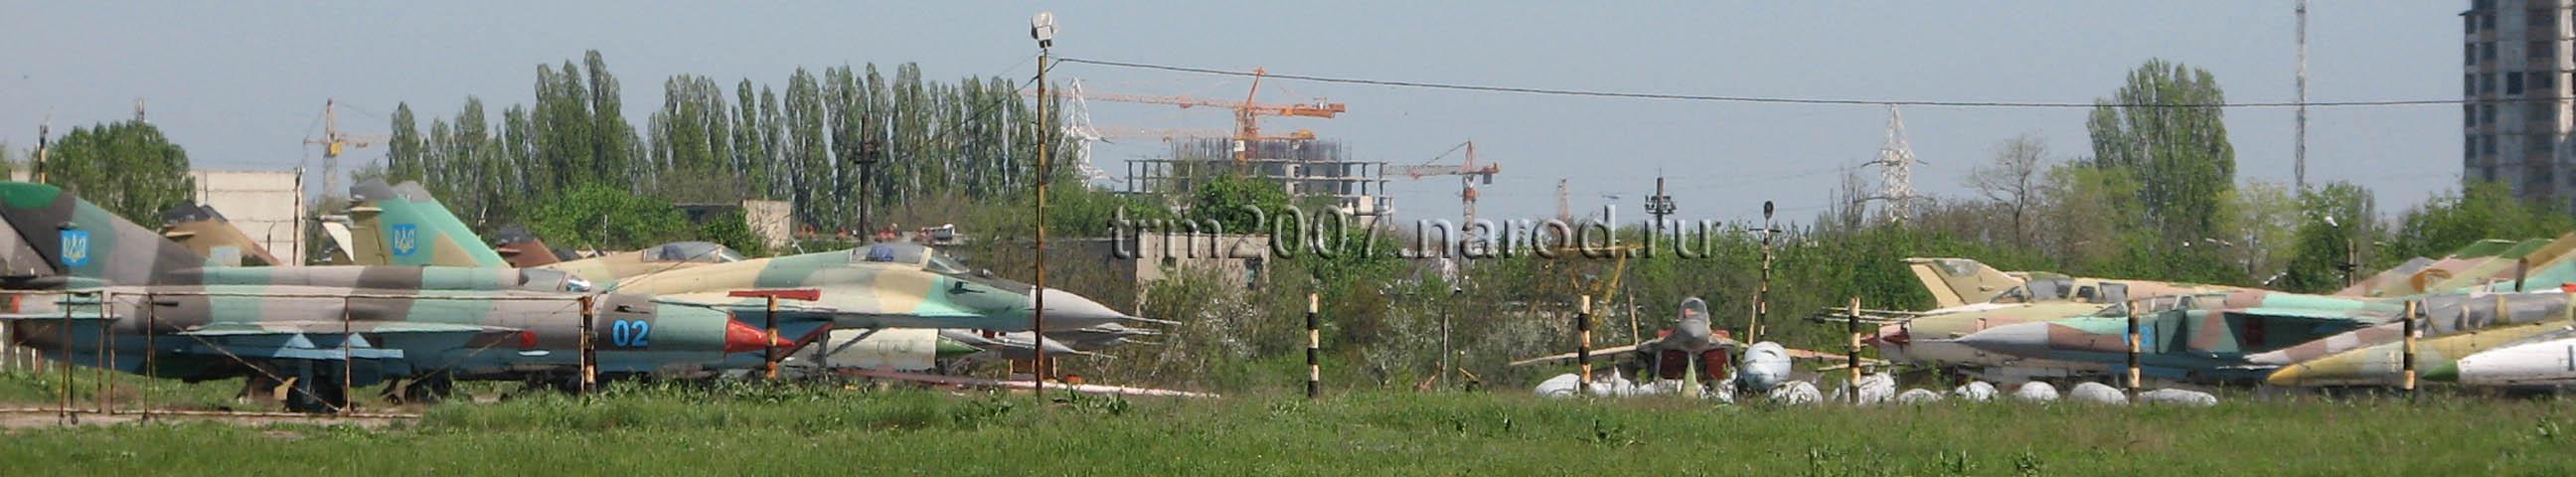 Истребители и перехватчики МИГ-21, МИГ-25, МИГ-29 и СУ-27 Одесса, Украина